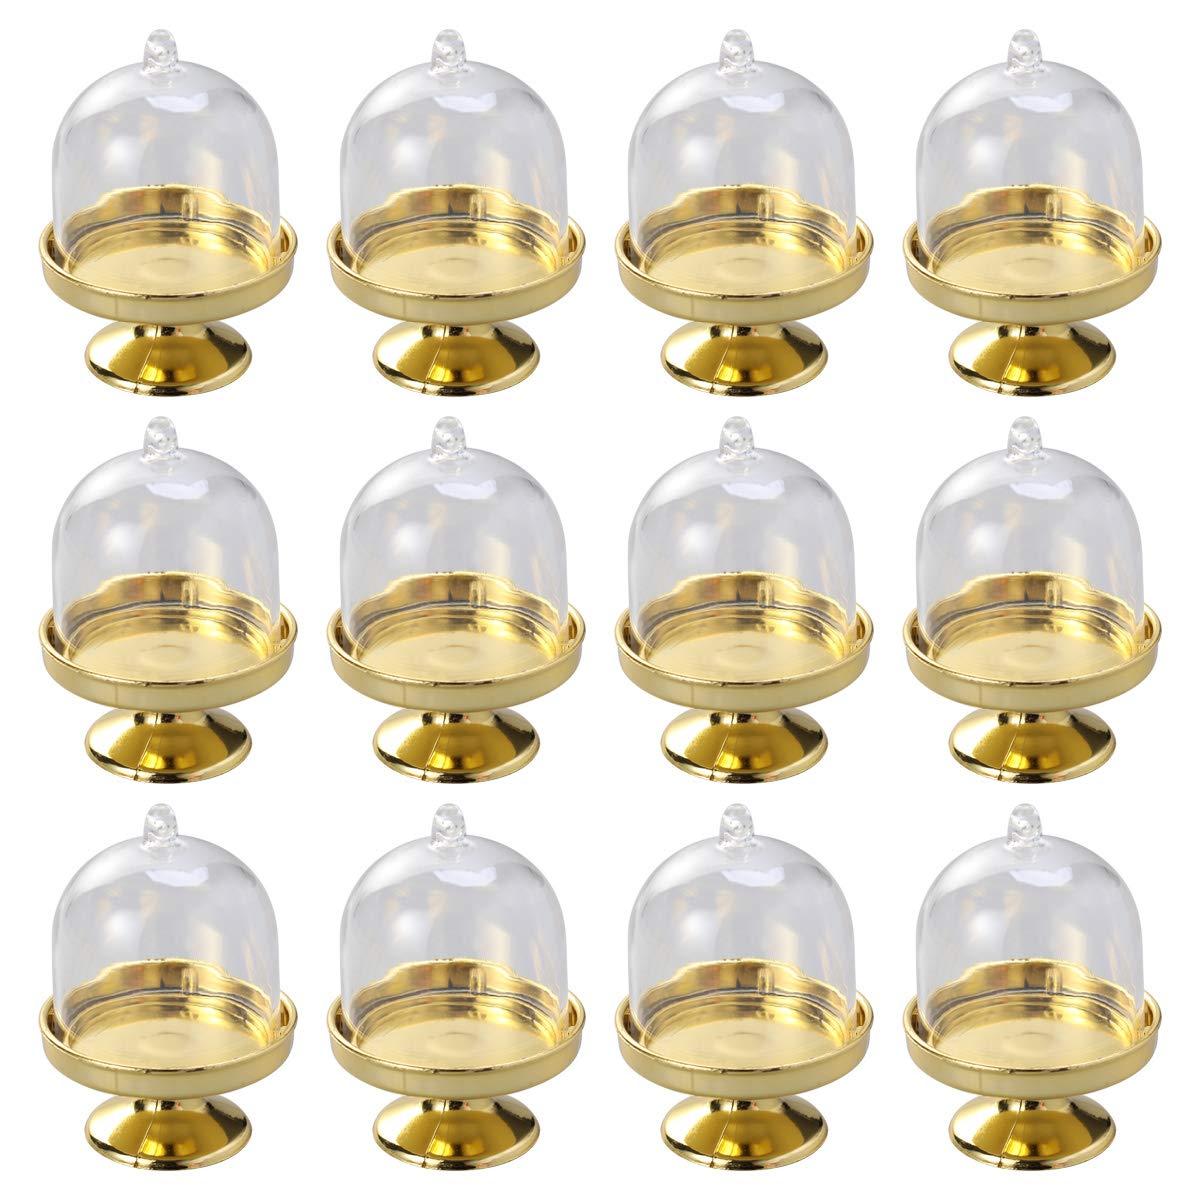 STOBOK 12pcs Mini Tortenst/änder Kuchenglocke Glasglocke mit Teller Hochzeit Party Servierplatte Goldene Basis